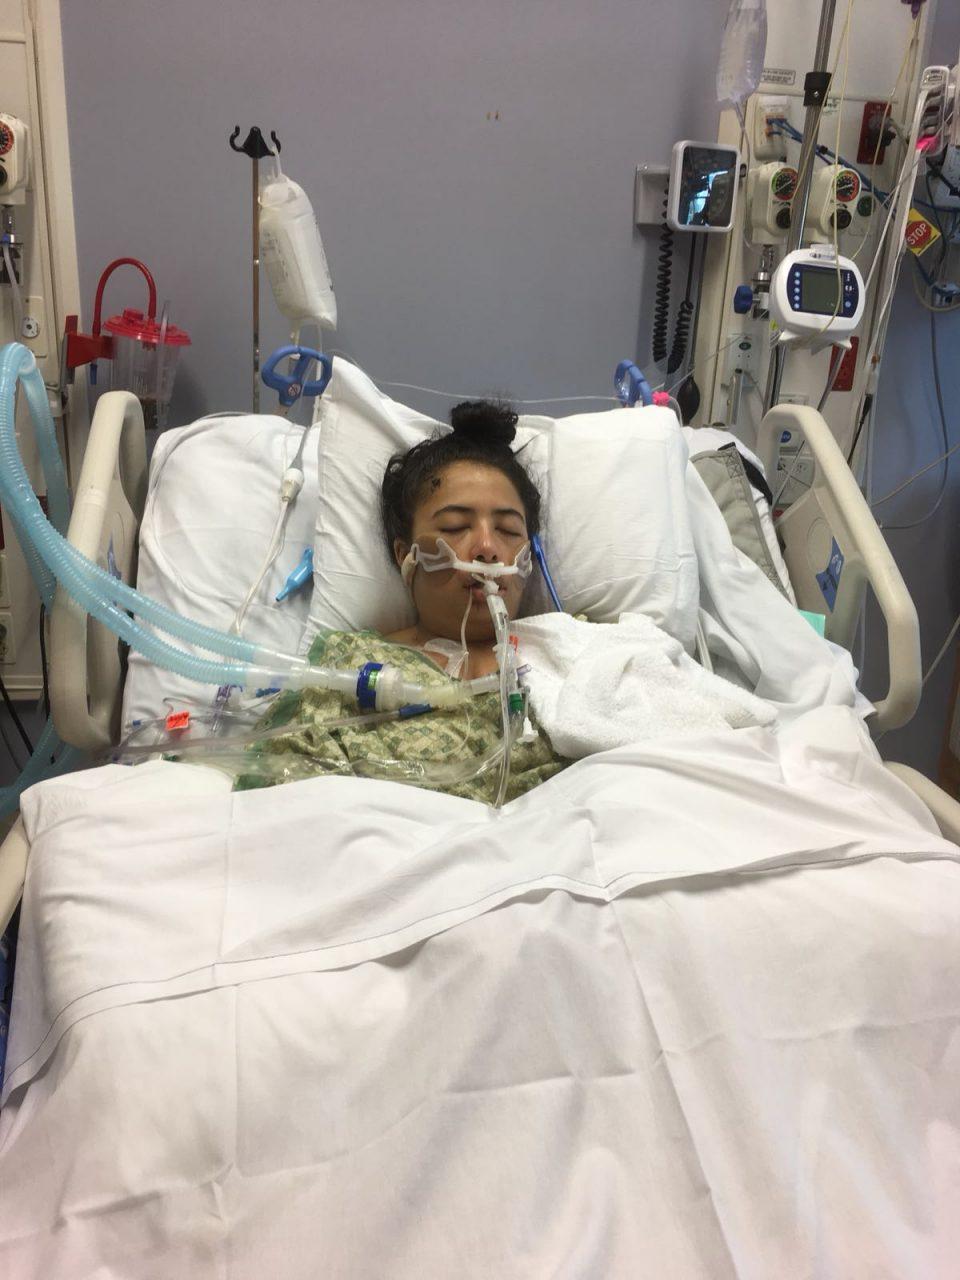 Buscan ayuda para mujer colombiana que tuvo accidente en Estados Unidos